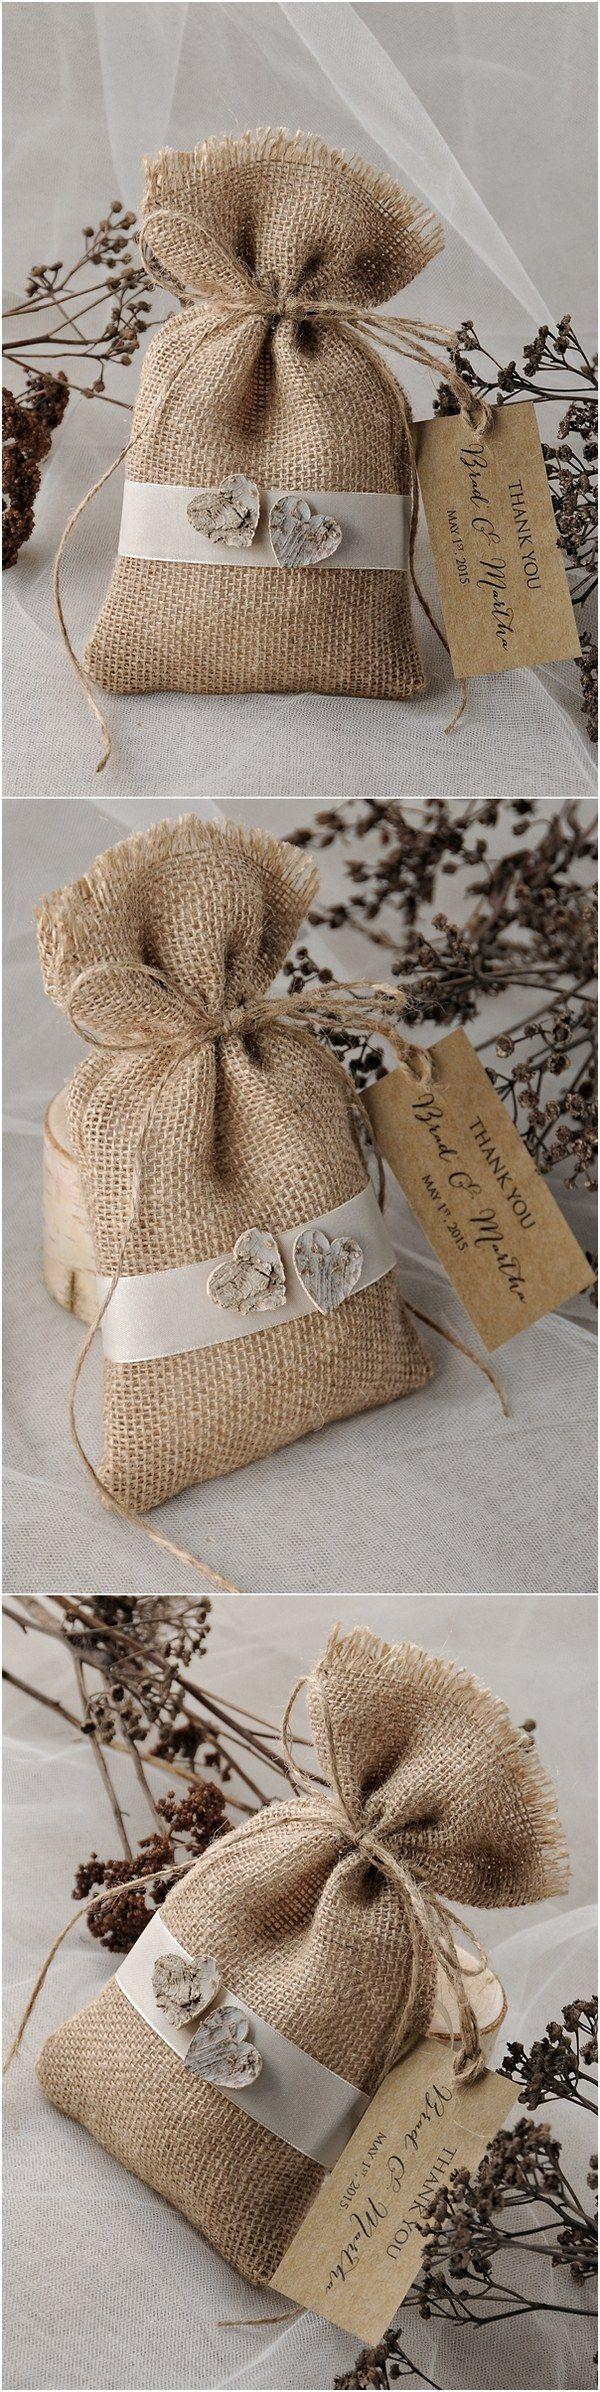 Rustic country burlap wedding favor bags #rusticwedding #weddinggifts #countrywedding                                                                                                                                                                                 More